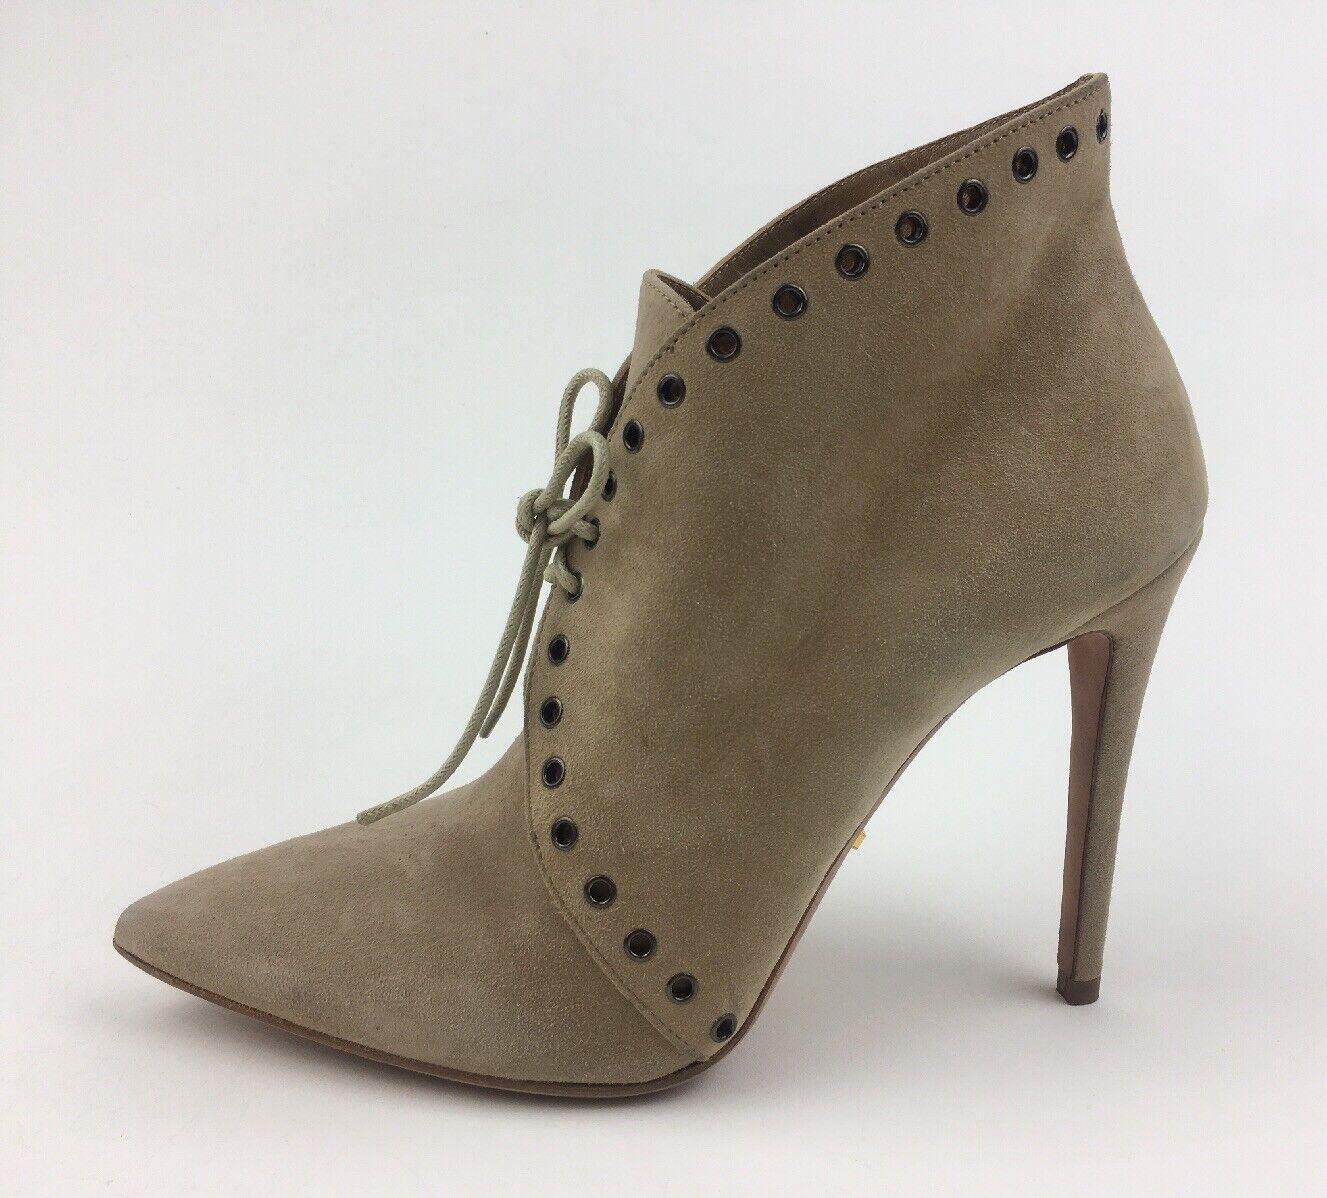 Prada Eyelet Pointed Toe Lace Up High Heel Booties Sz EUR 37.5, Beige Suede 2330